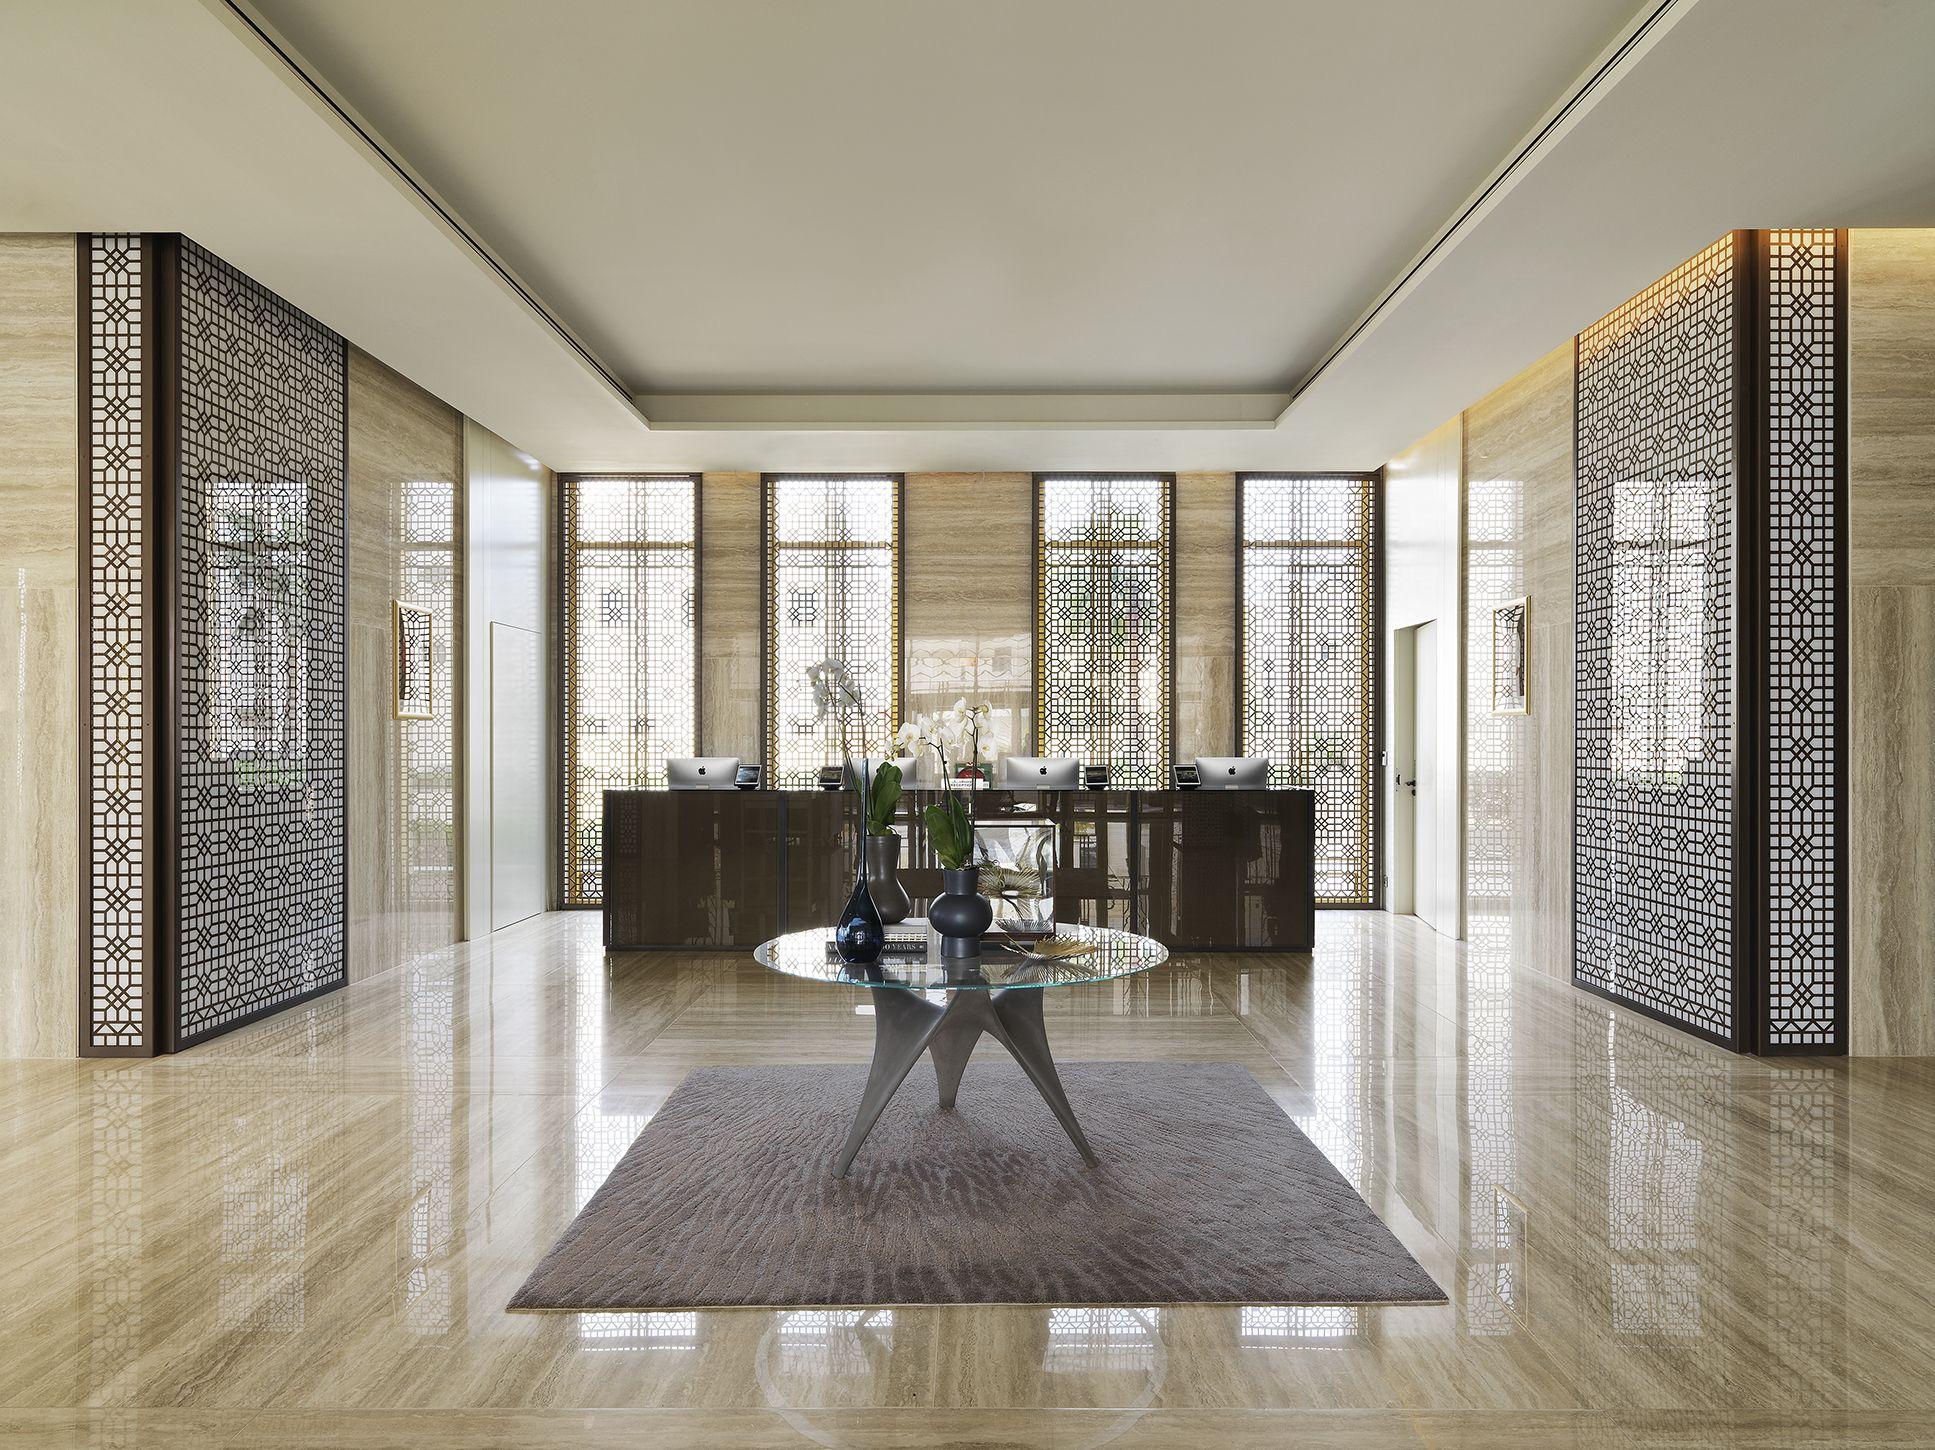 Home Produktdesign Inneneinrichtung Innenarchitektur